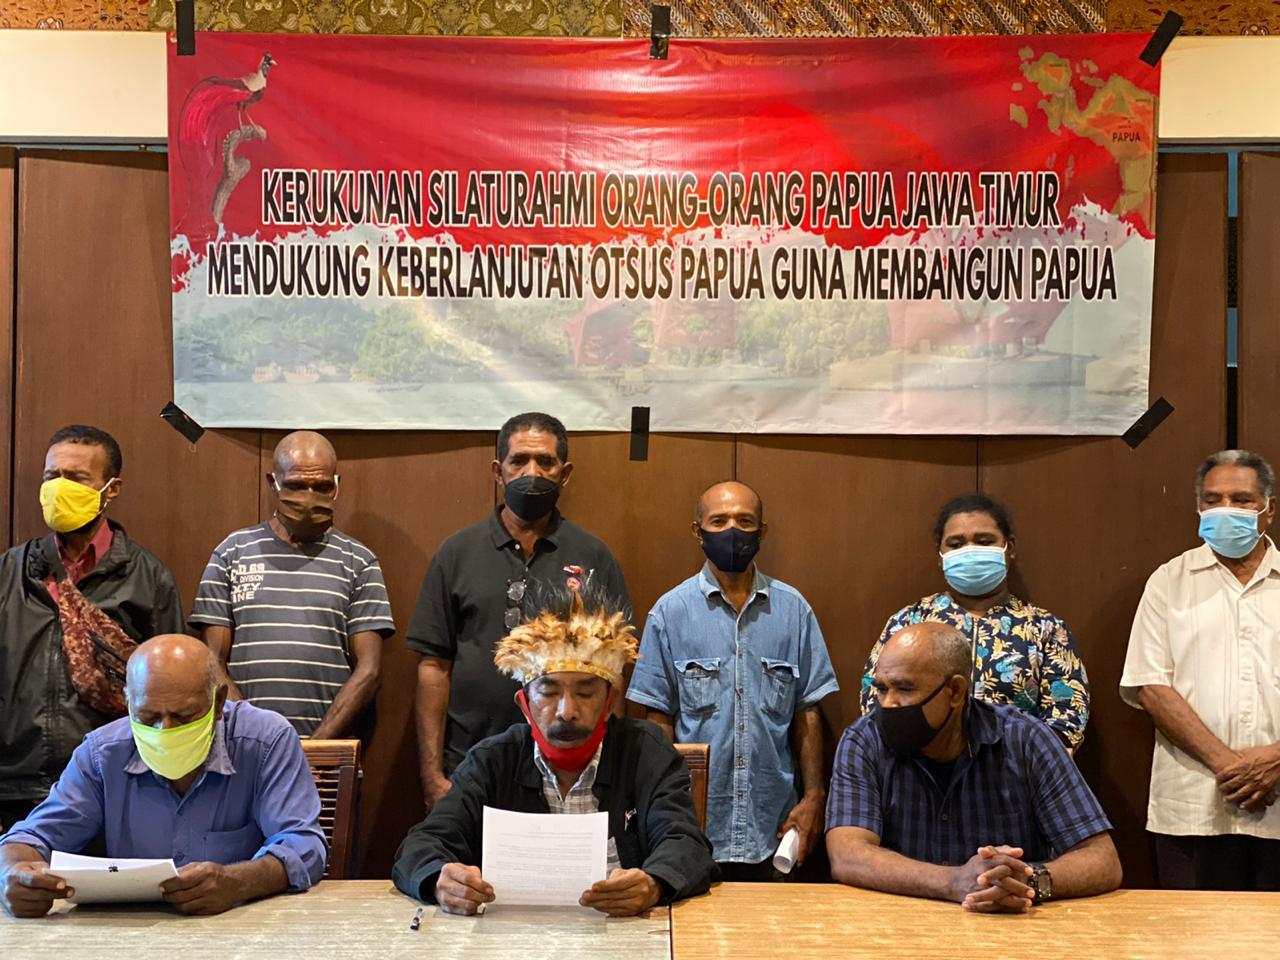 Forum Komunikasi Orang Orang Papua Jatim Mendukung Pelaksanaan Otsus Jilid II